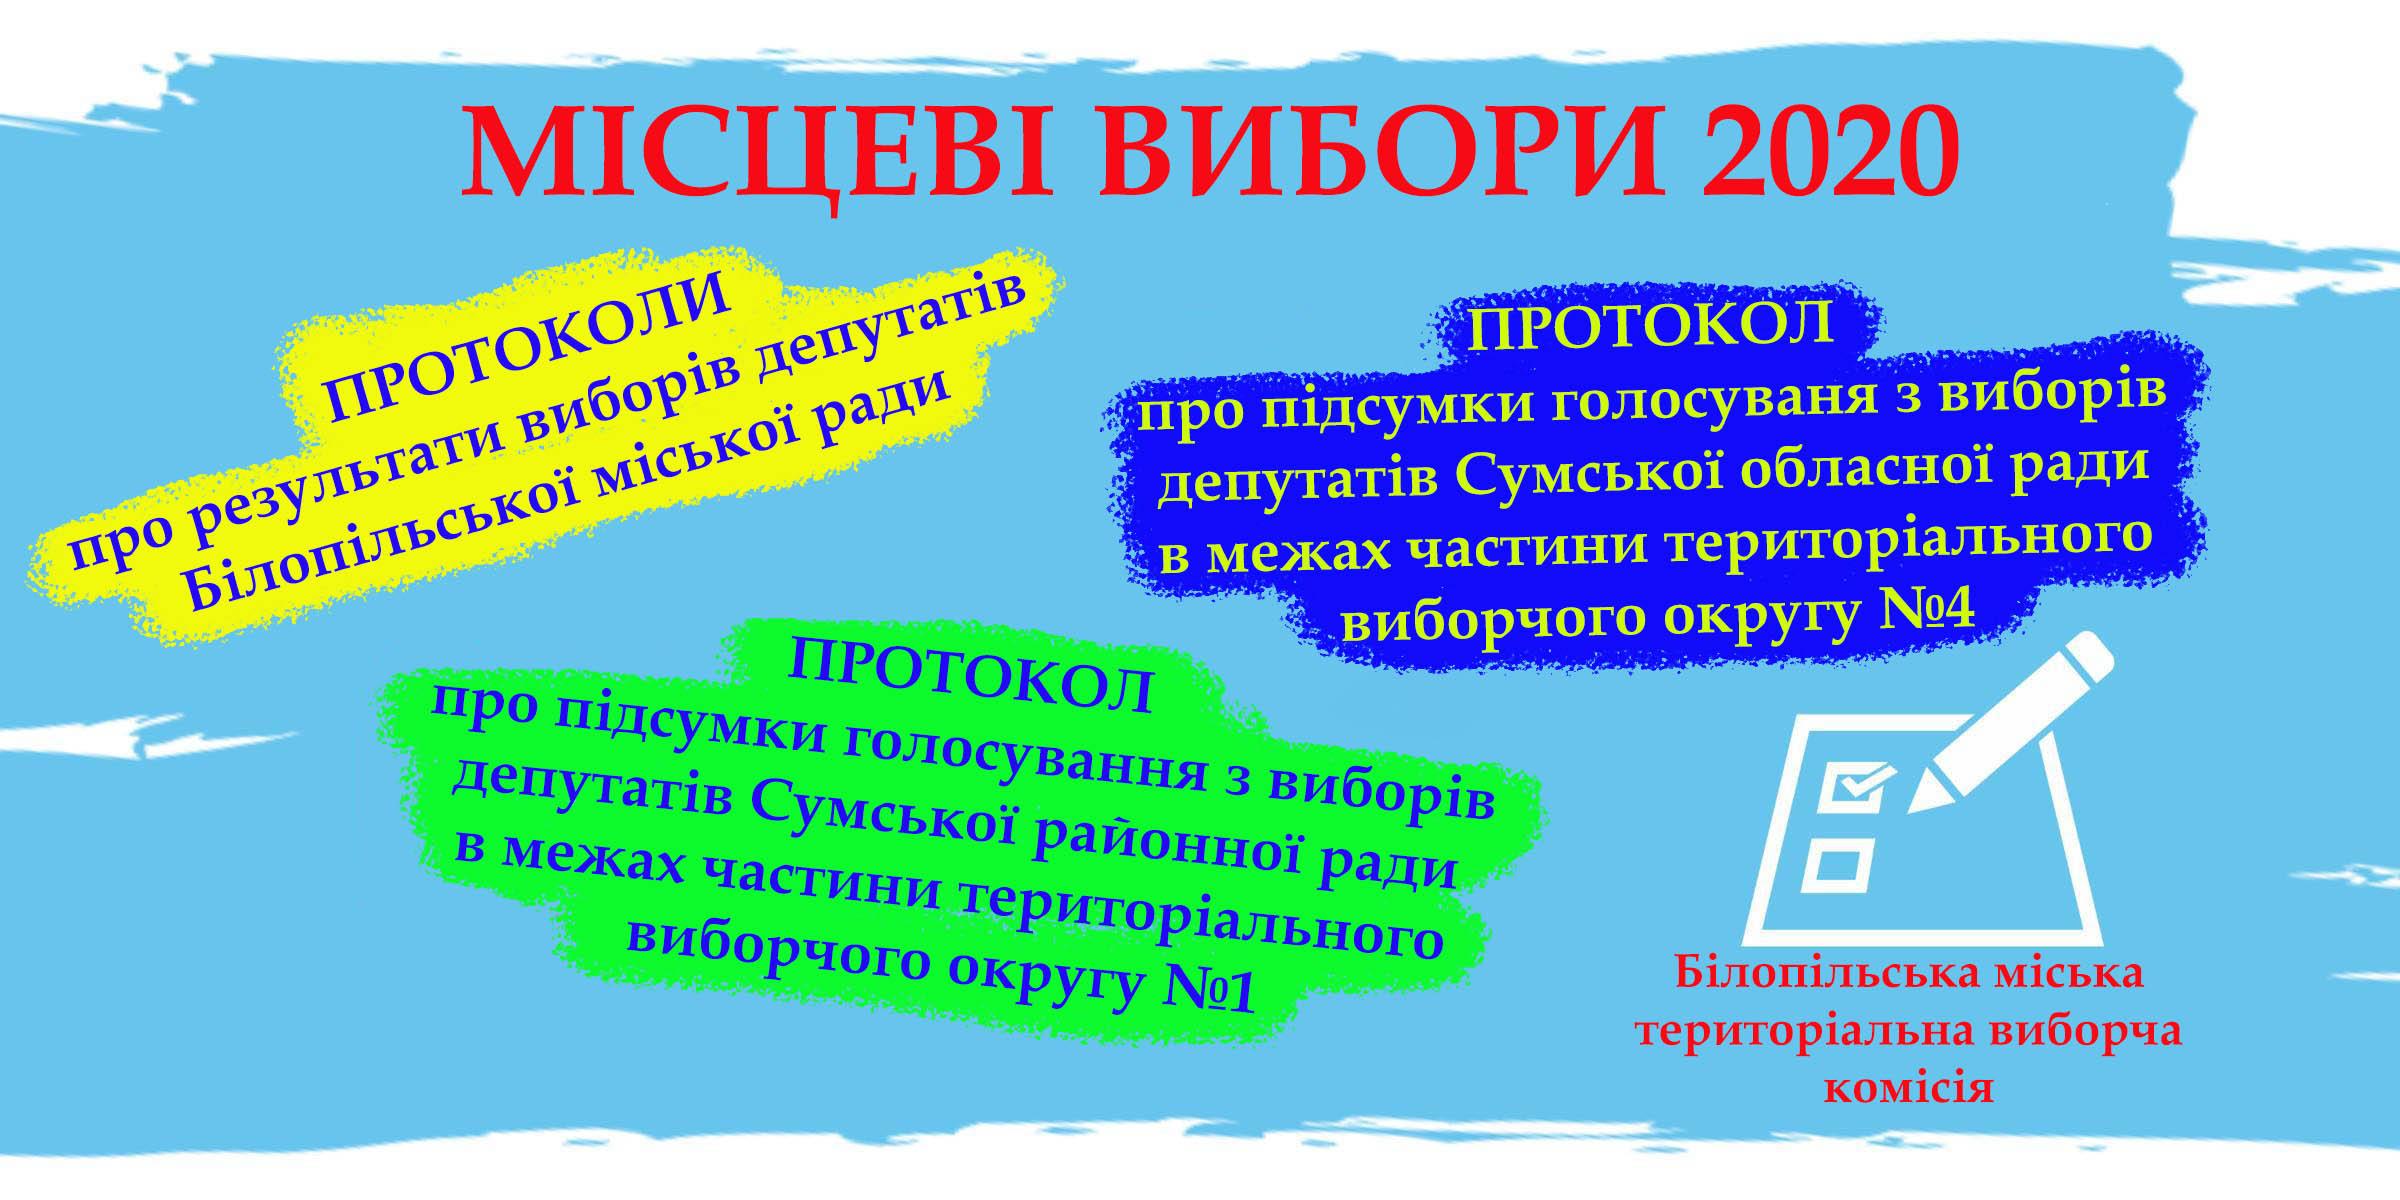 Результати місцевих виборів